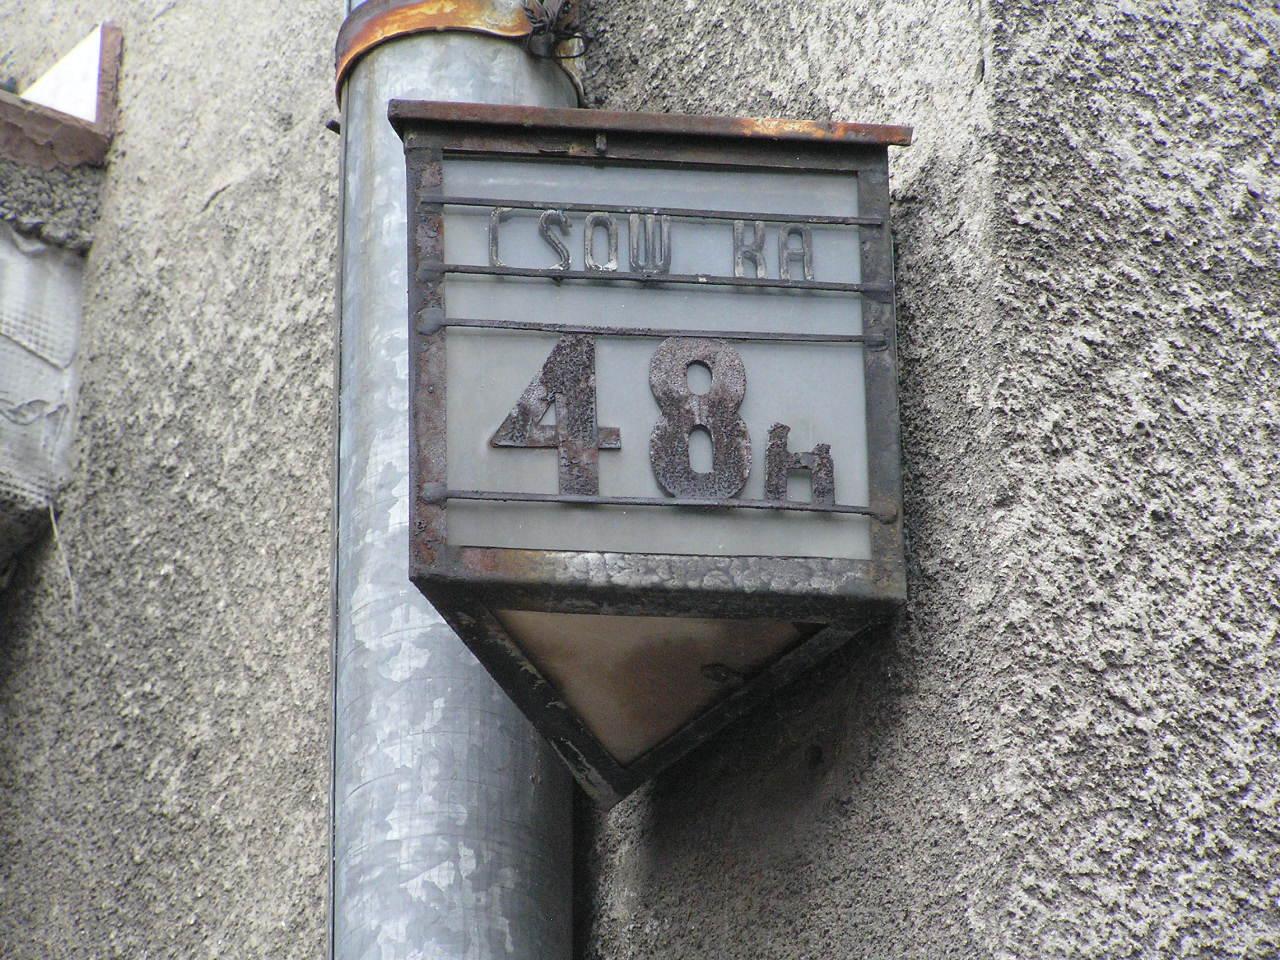 Latarenka adresowa - Osowska 48A